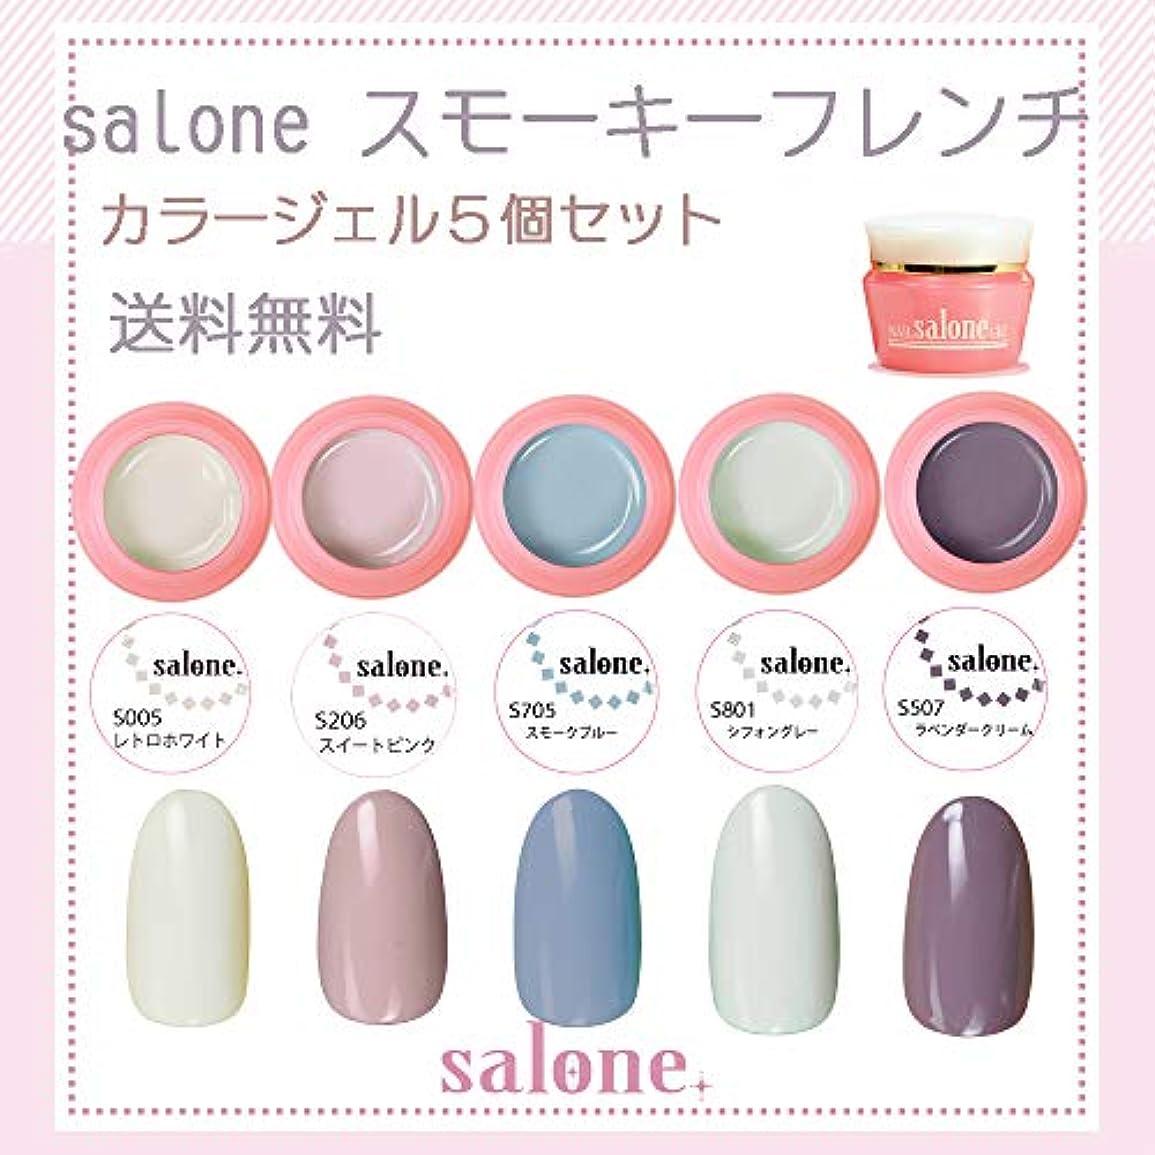 やりがいのある決してワイド【送料無料 日本製】Salone ヌーディフレンチカラージェル5個セット 肌馴染みの良いヌーディカラーをチョイスしました。